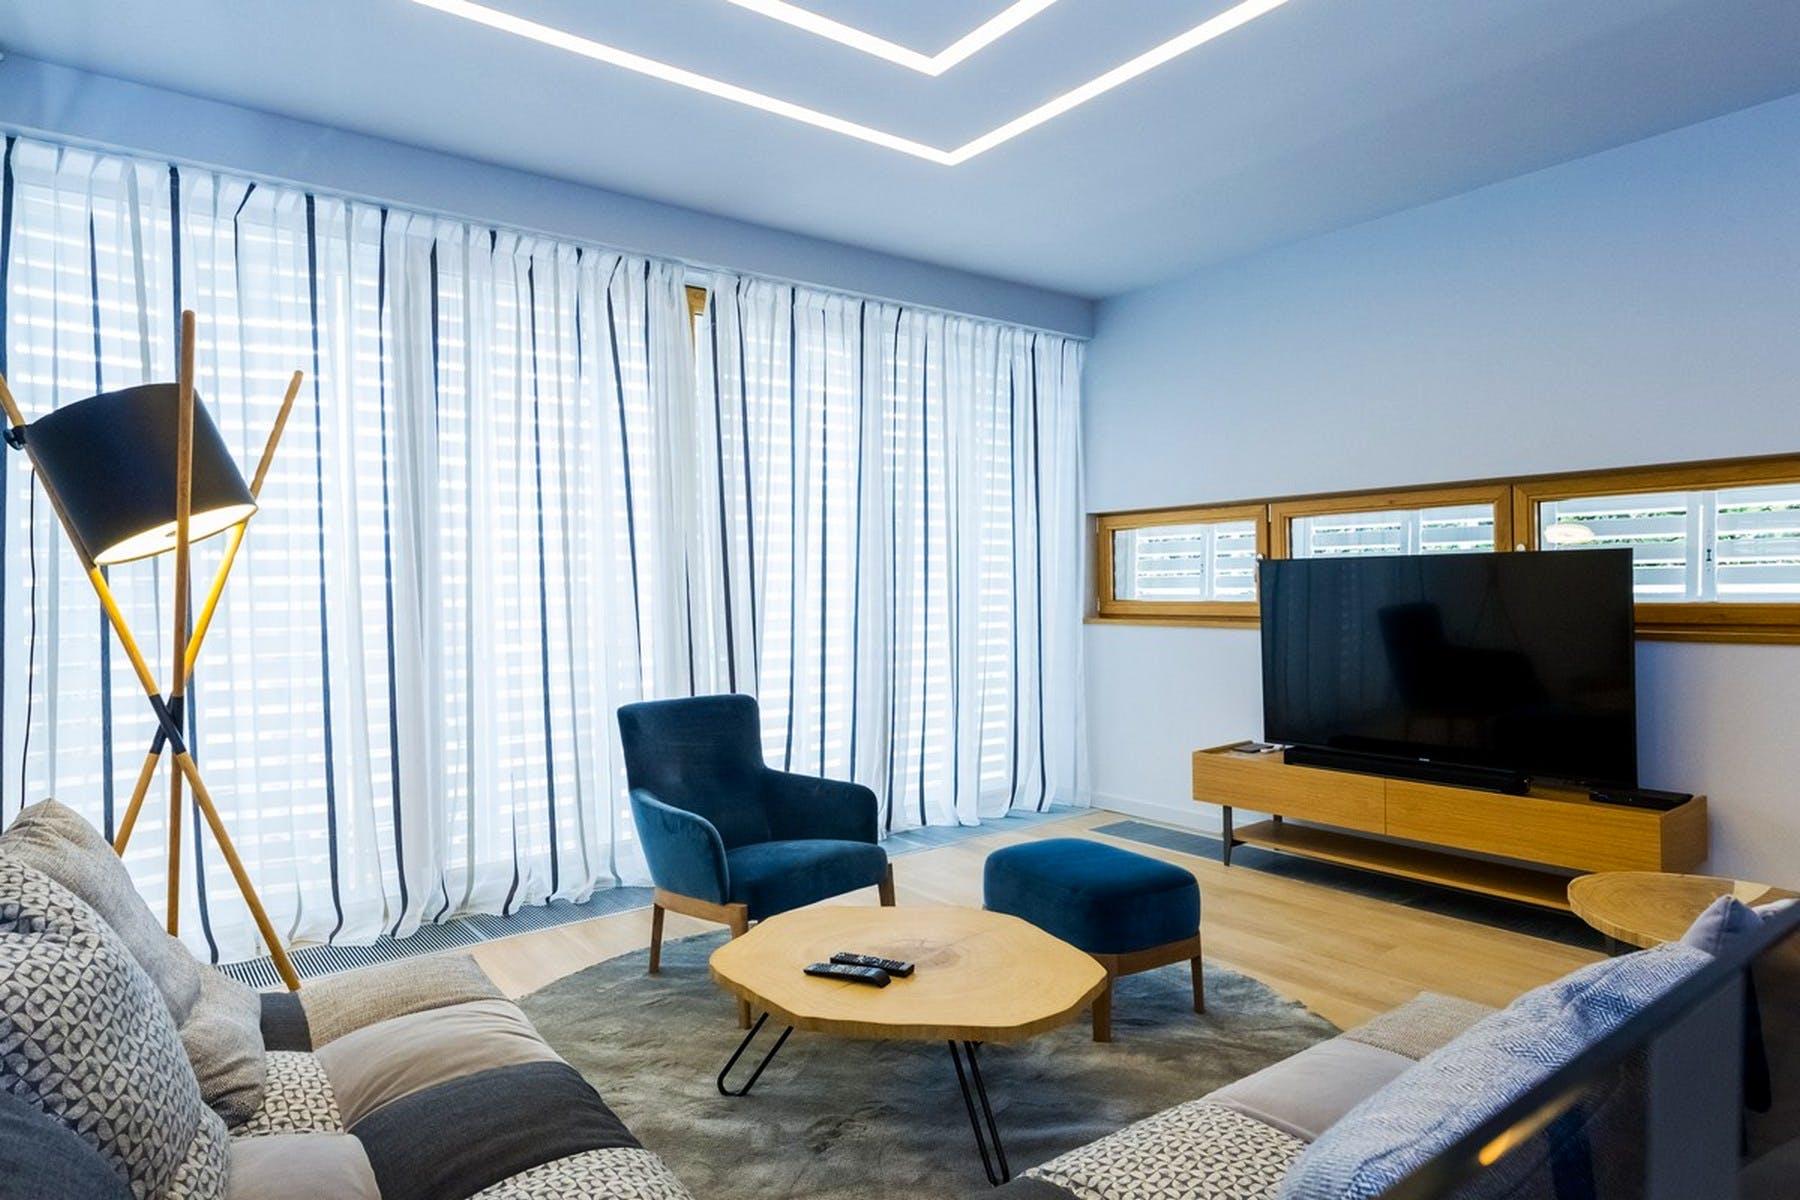 Veliki prozori koji propuštaju mnogo dnevnog svijetla u dnevnu sobu